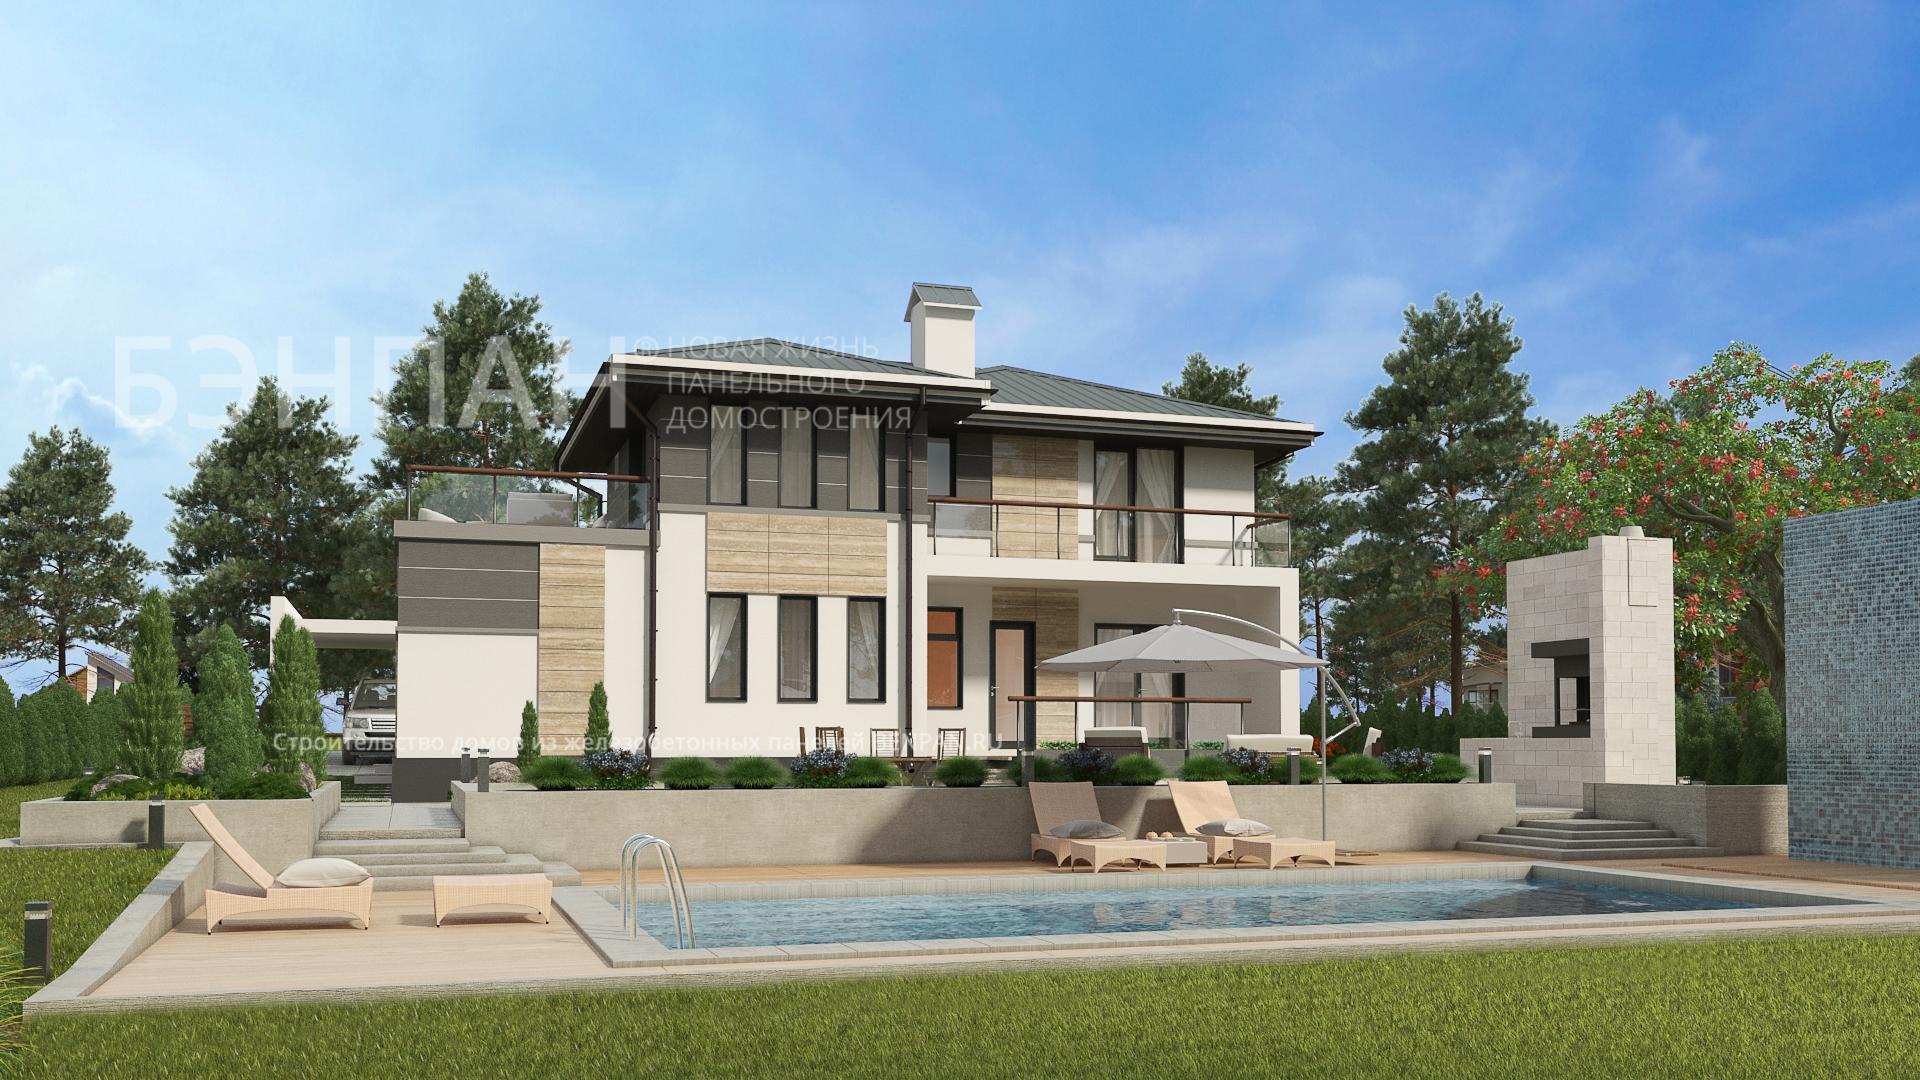 Строительство дома 136.40 м2 по цене от 3513134.119 рублей на январь 2019 года